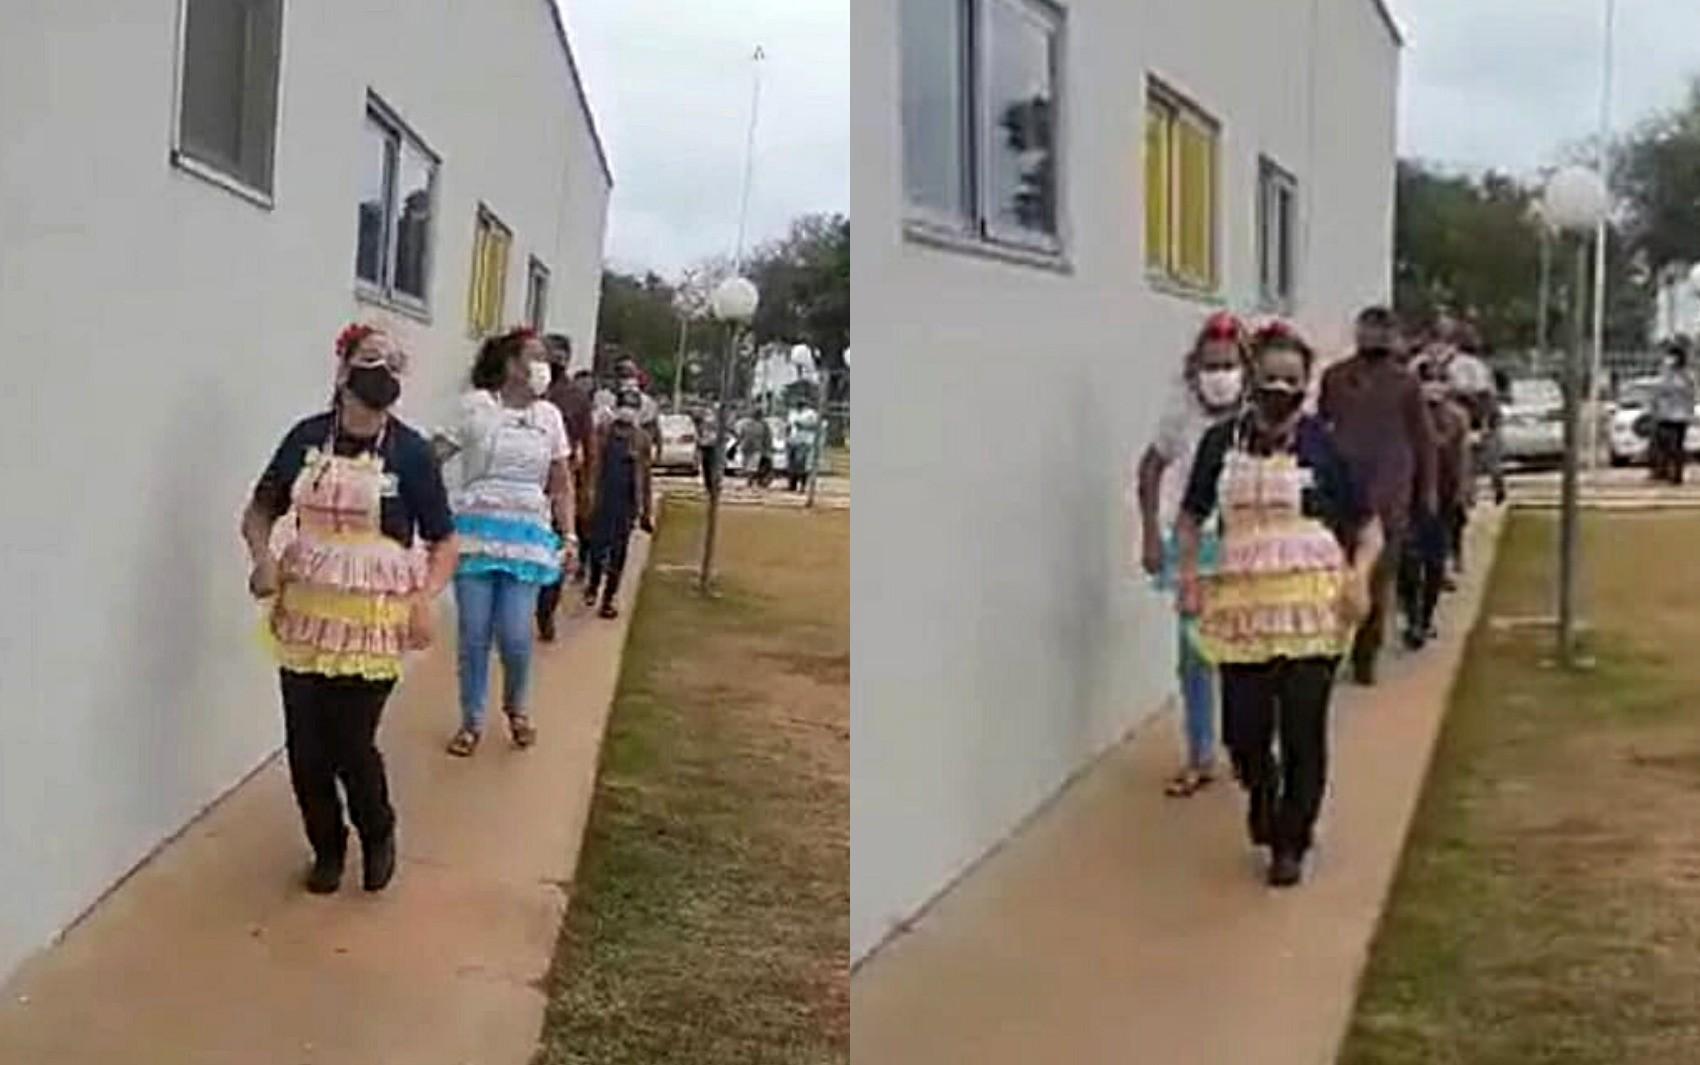 Ao som de forró, funcionárias organizam fila de vacinação contra Covid-19 em ritmo de festa junina em Goiânia; vídeo